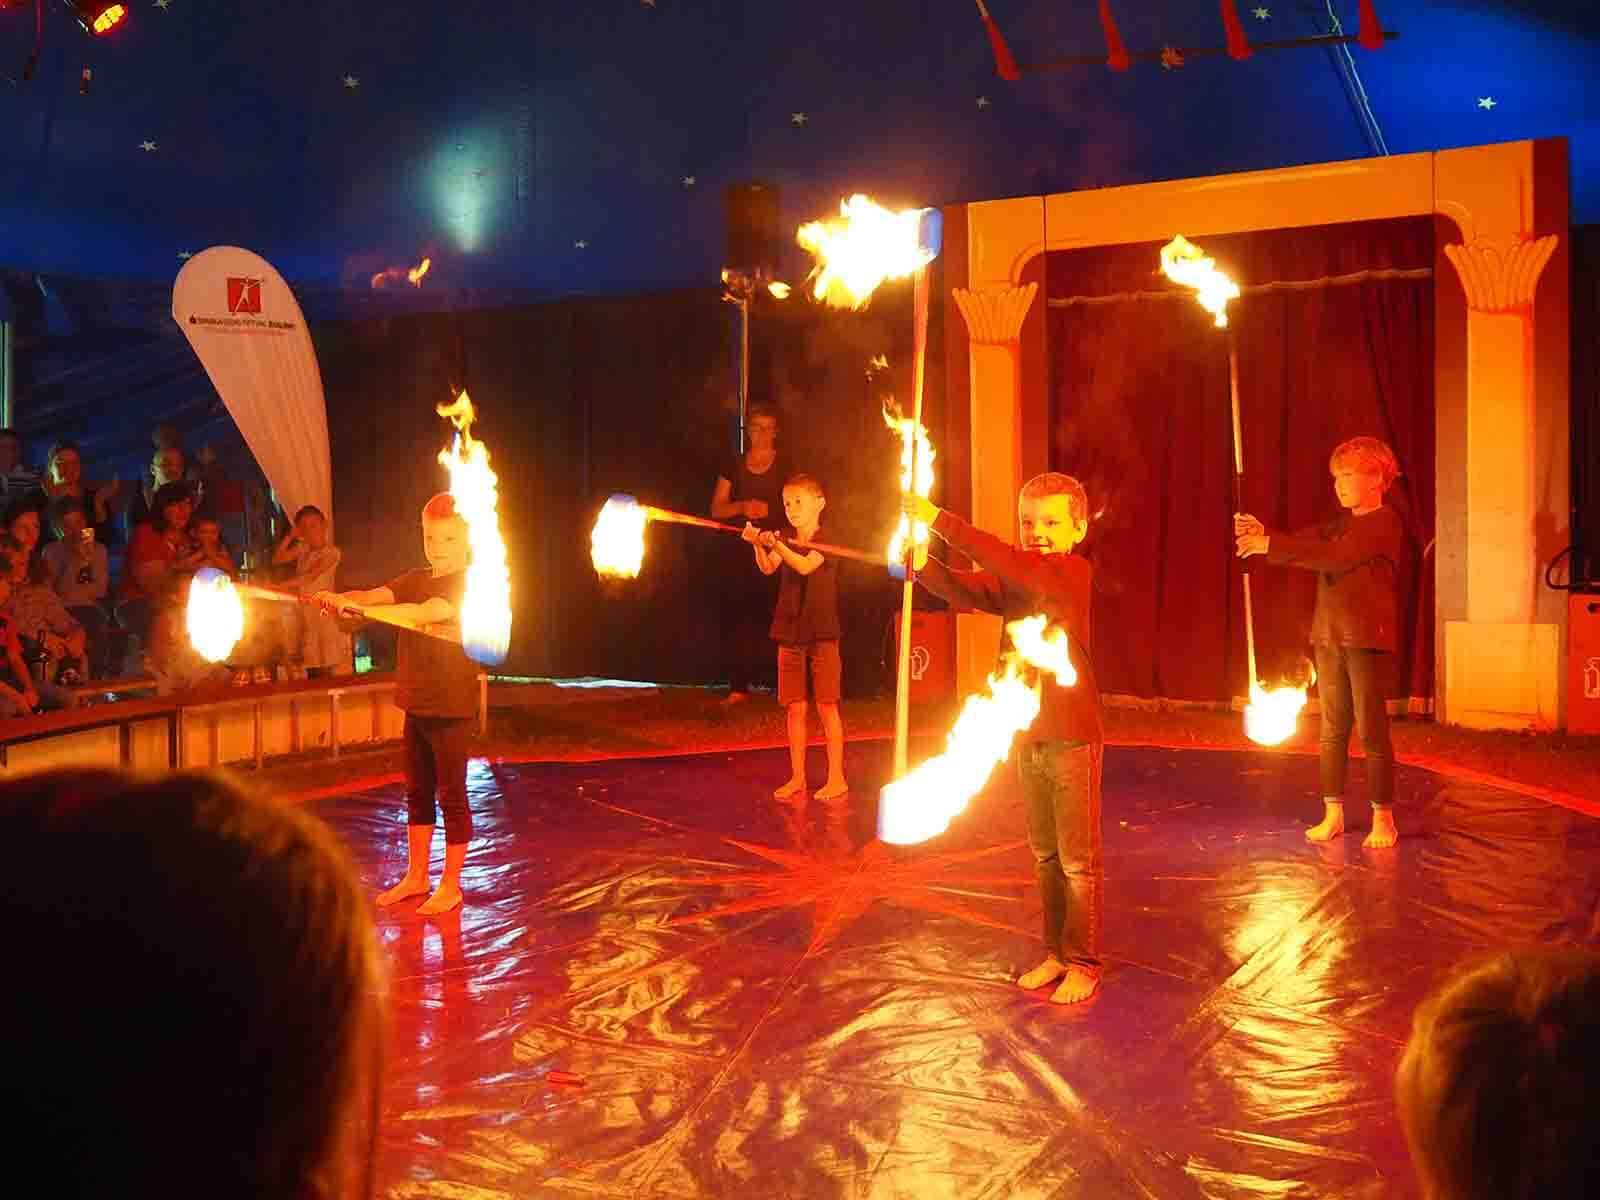 Spannend: Bei der Feuershow wurde es vor allem den Eltern ganz schön warm.